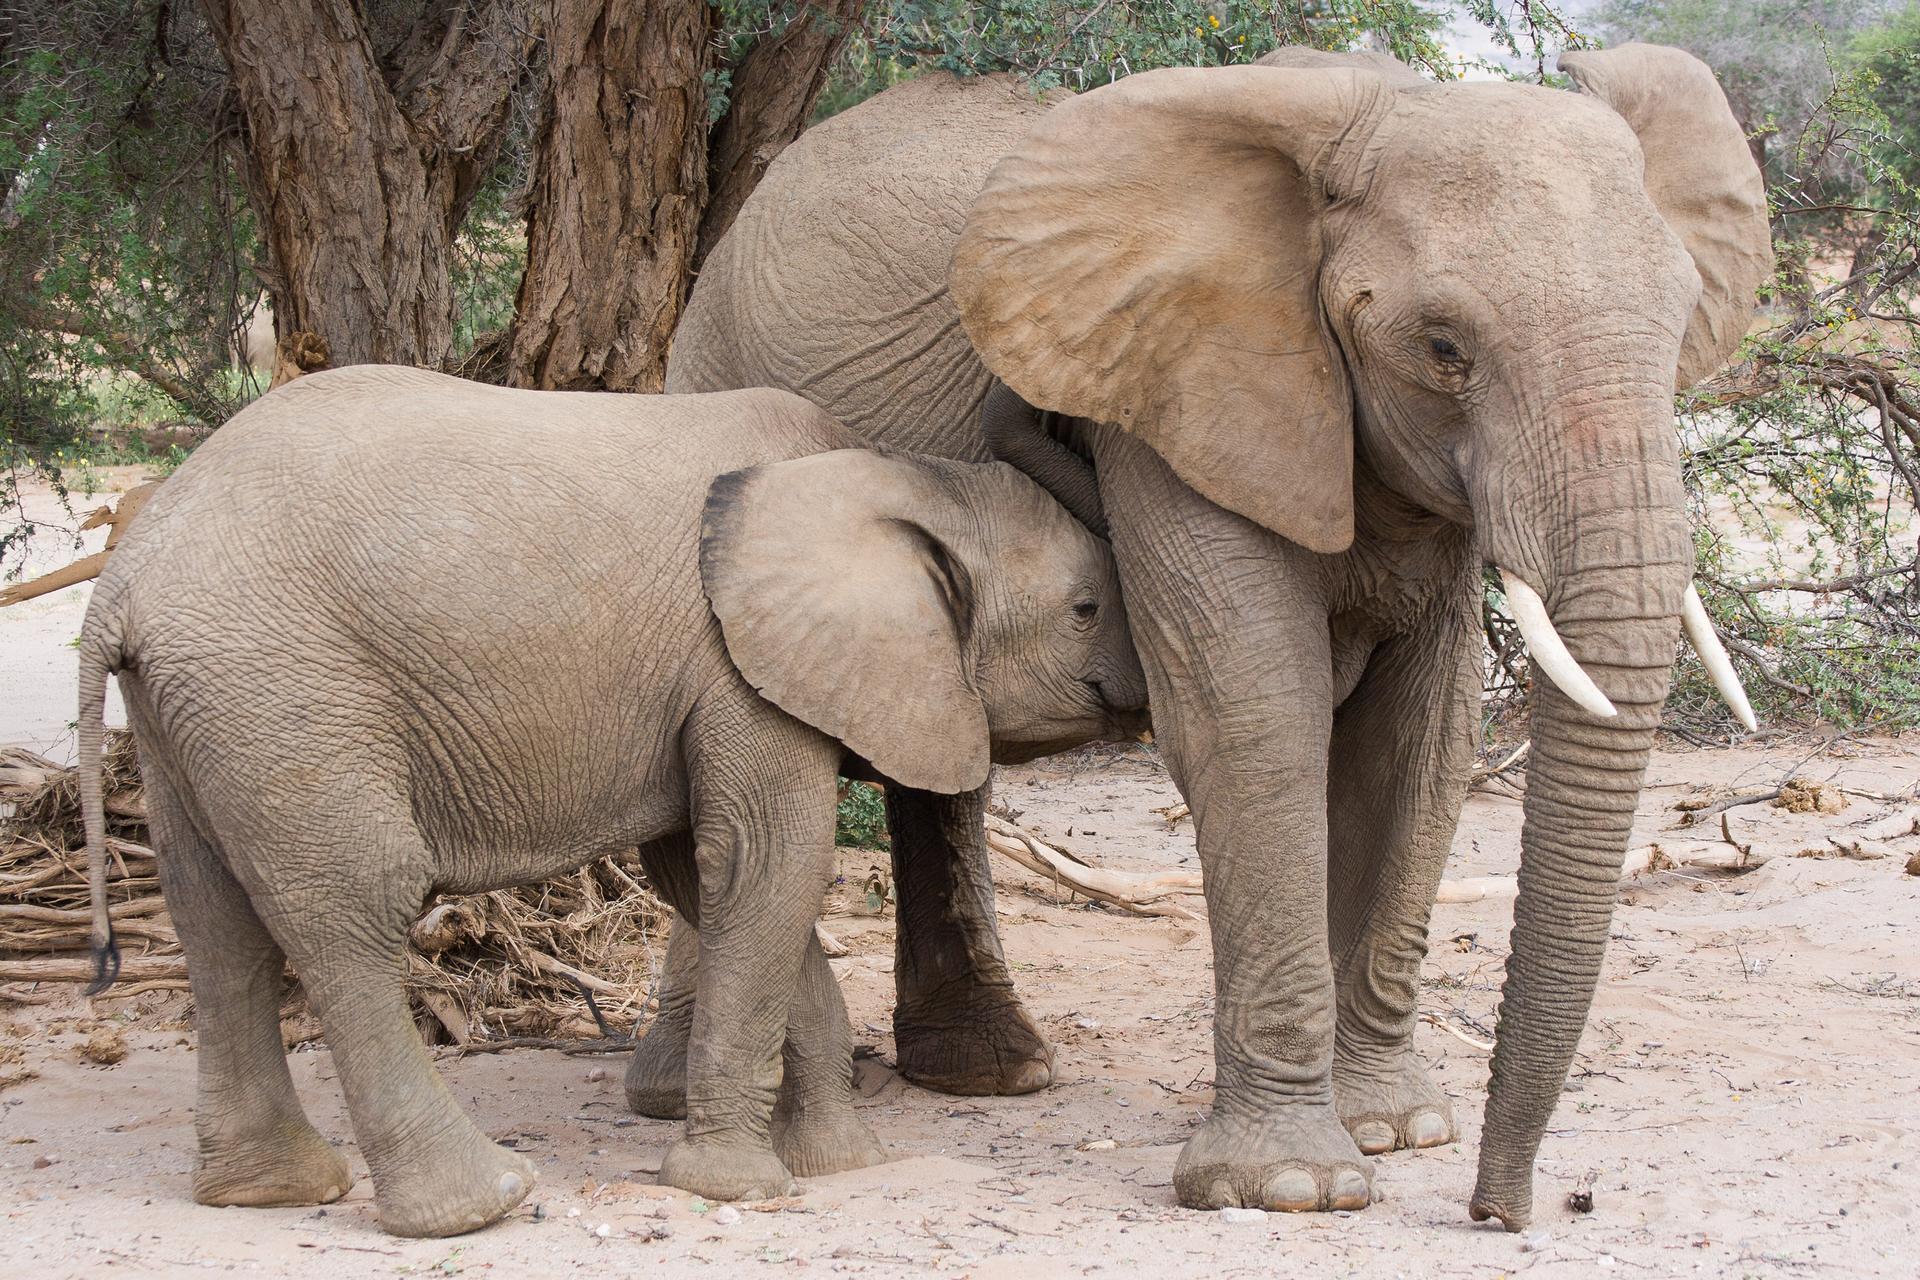 Fotografia przedstawia dwa słonie pod drzewem. Duży zwrócony głową wprawo, ma duże, odstające uszy. Trąba zwisa do ziemi, na jej początku białe wystające ciosy. Po lewej stoi bokiem mały słoń zgłową przytuloną do brzucha matki, podczas ssania.